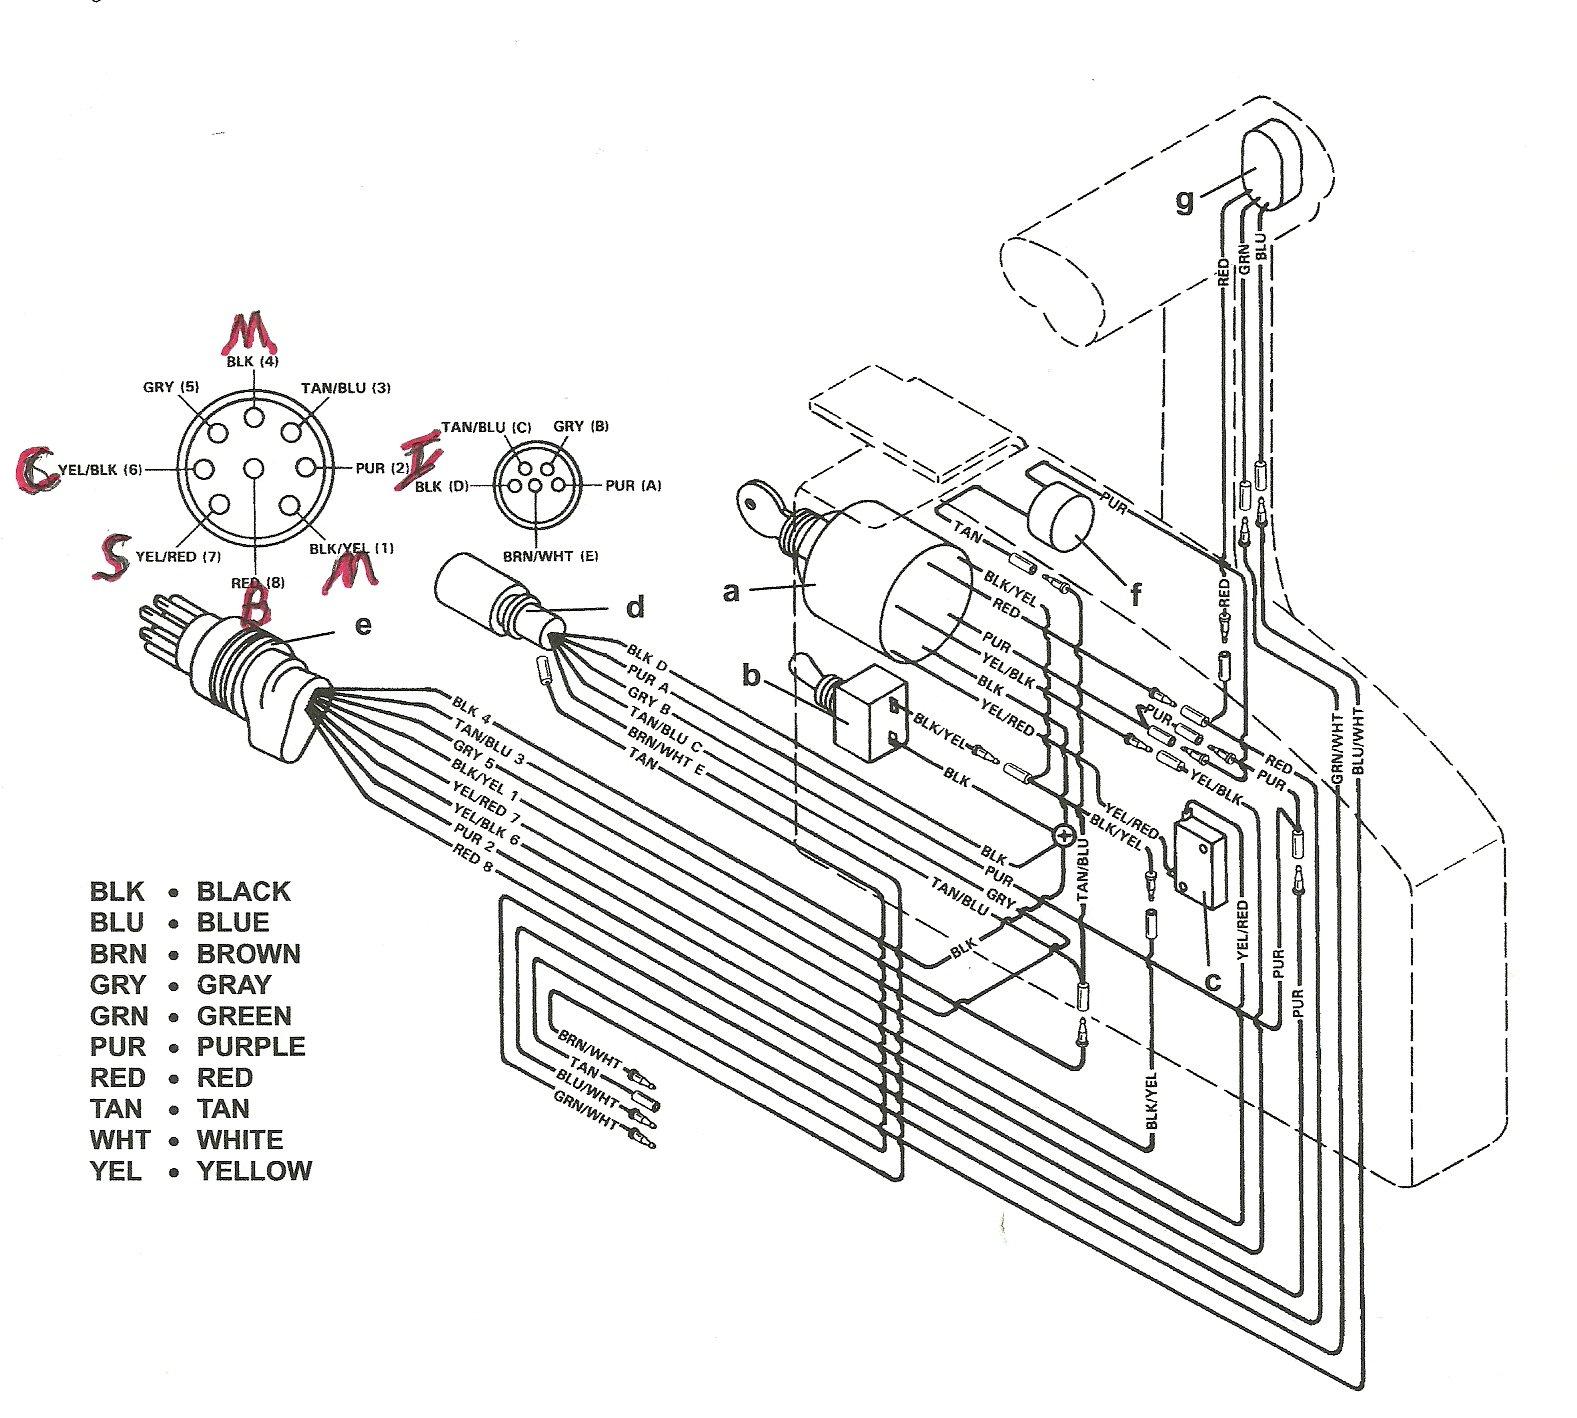 Kill Switch Mercury 150 Wiring Diagram Schematics Diagrams 1978 Mercruiser Key Residential Electrical Symbols U2022 Rh Bookmyad Co Outboard Tach